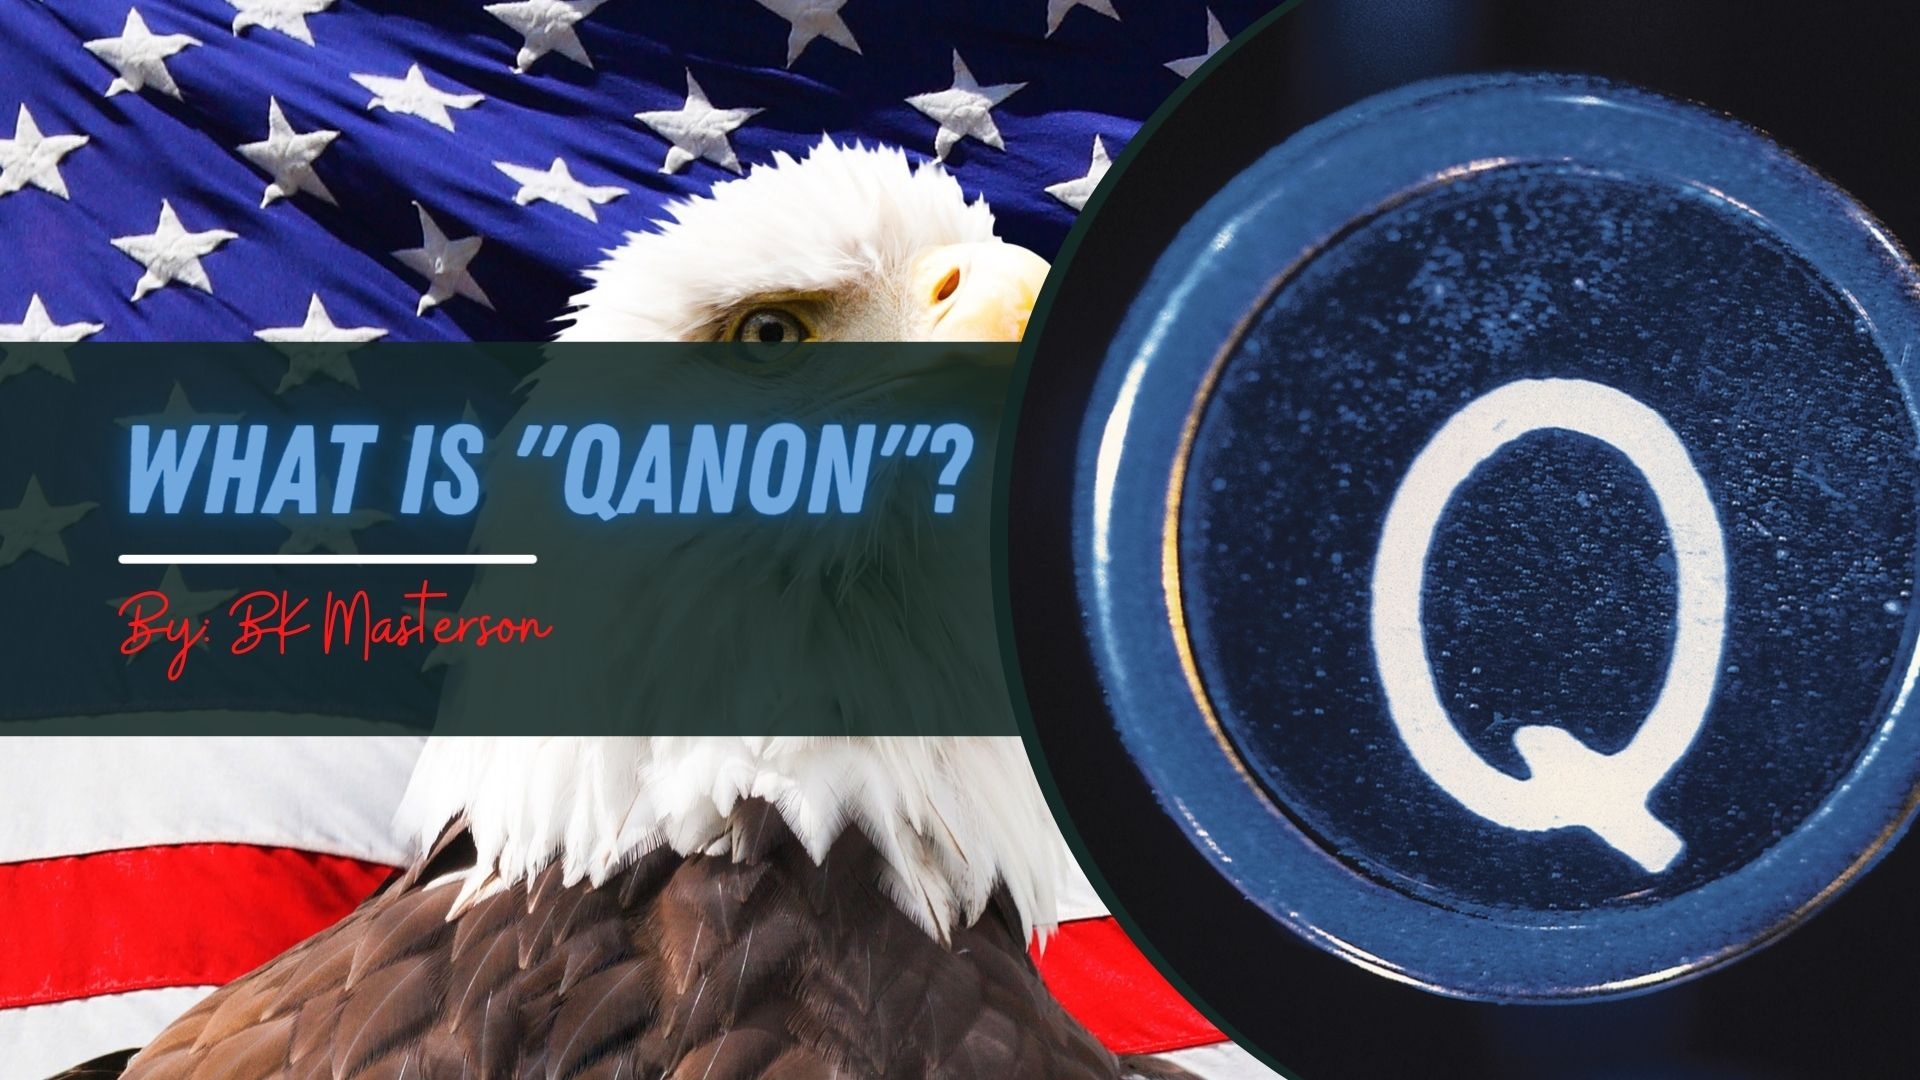 What is QAnon?